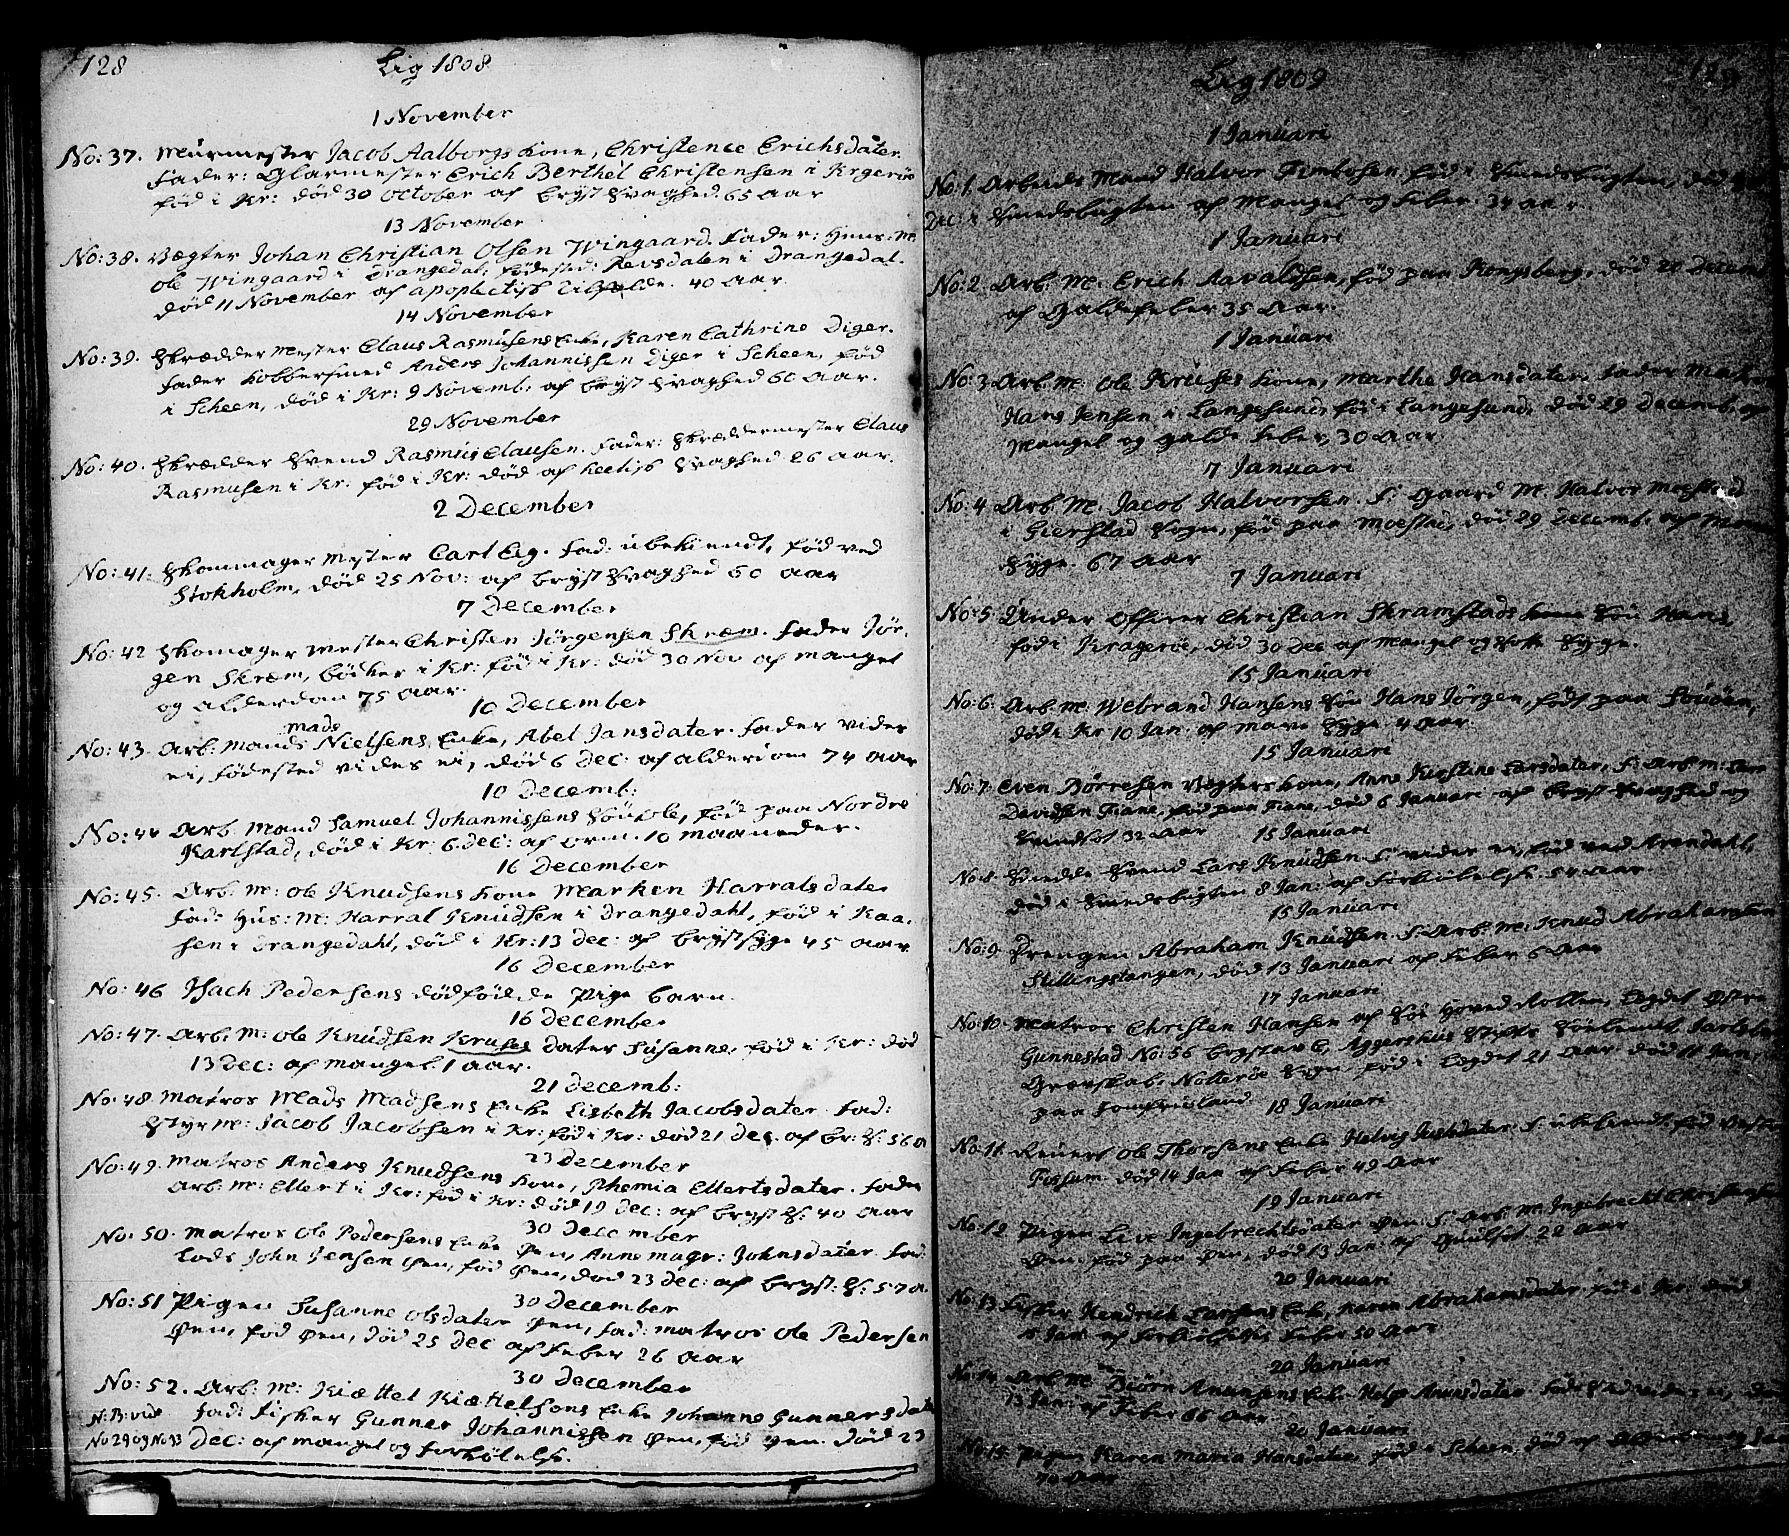 SAKO, Kragerø kirkebøker, G/Ga/L0001: Klokkerbok nr. 1 /1, 1806-1811, s. 128-129